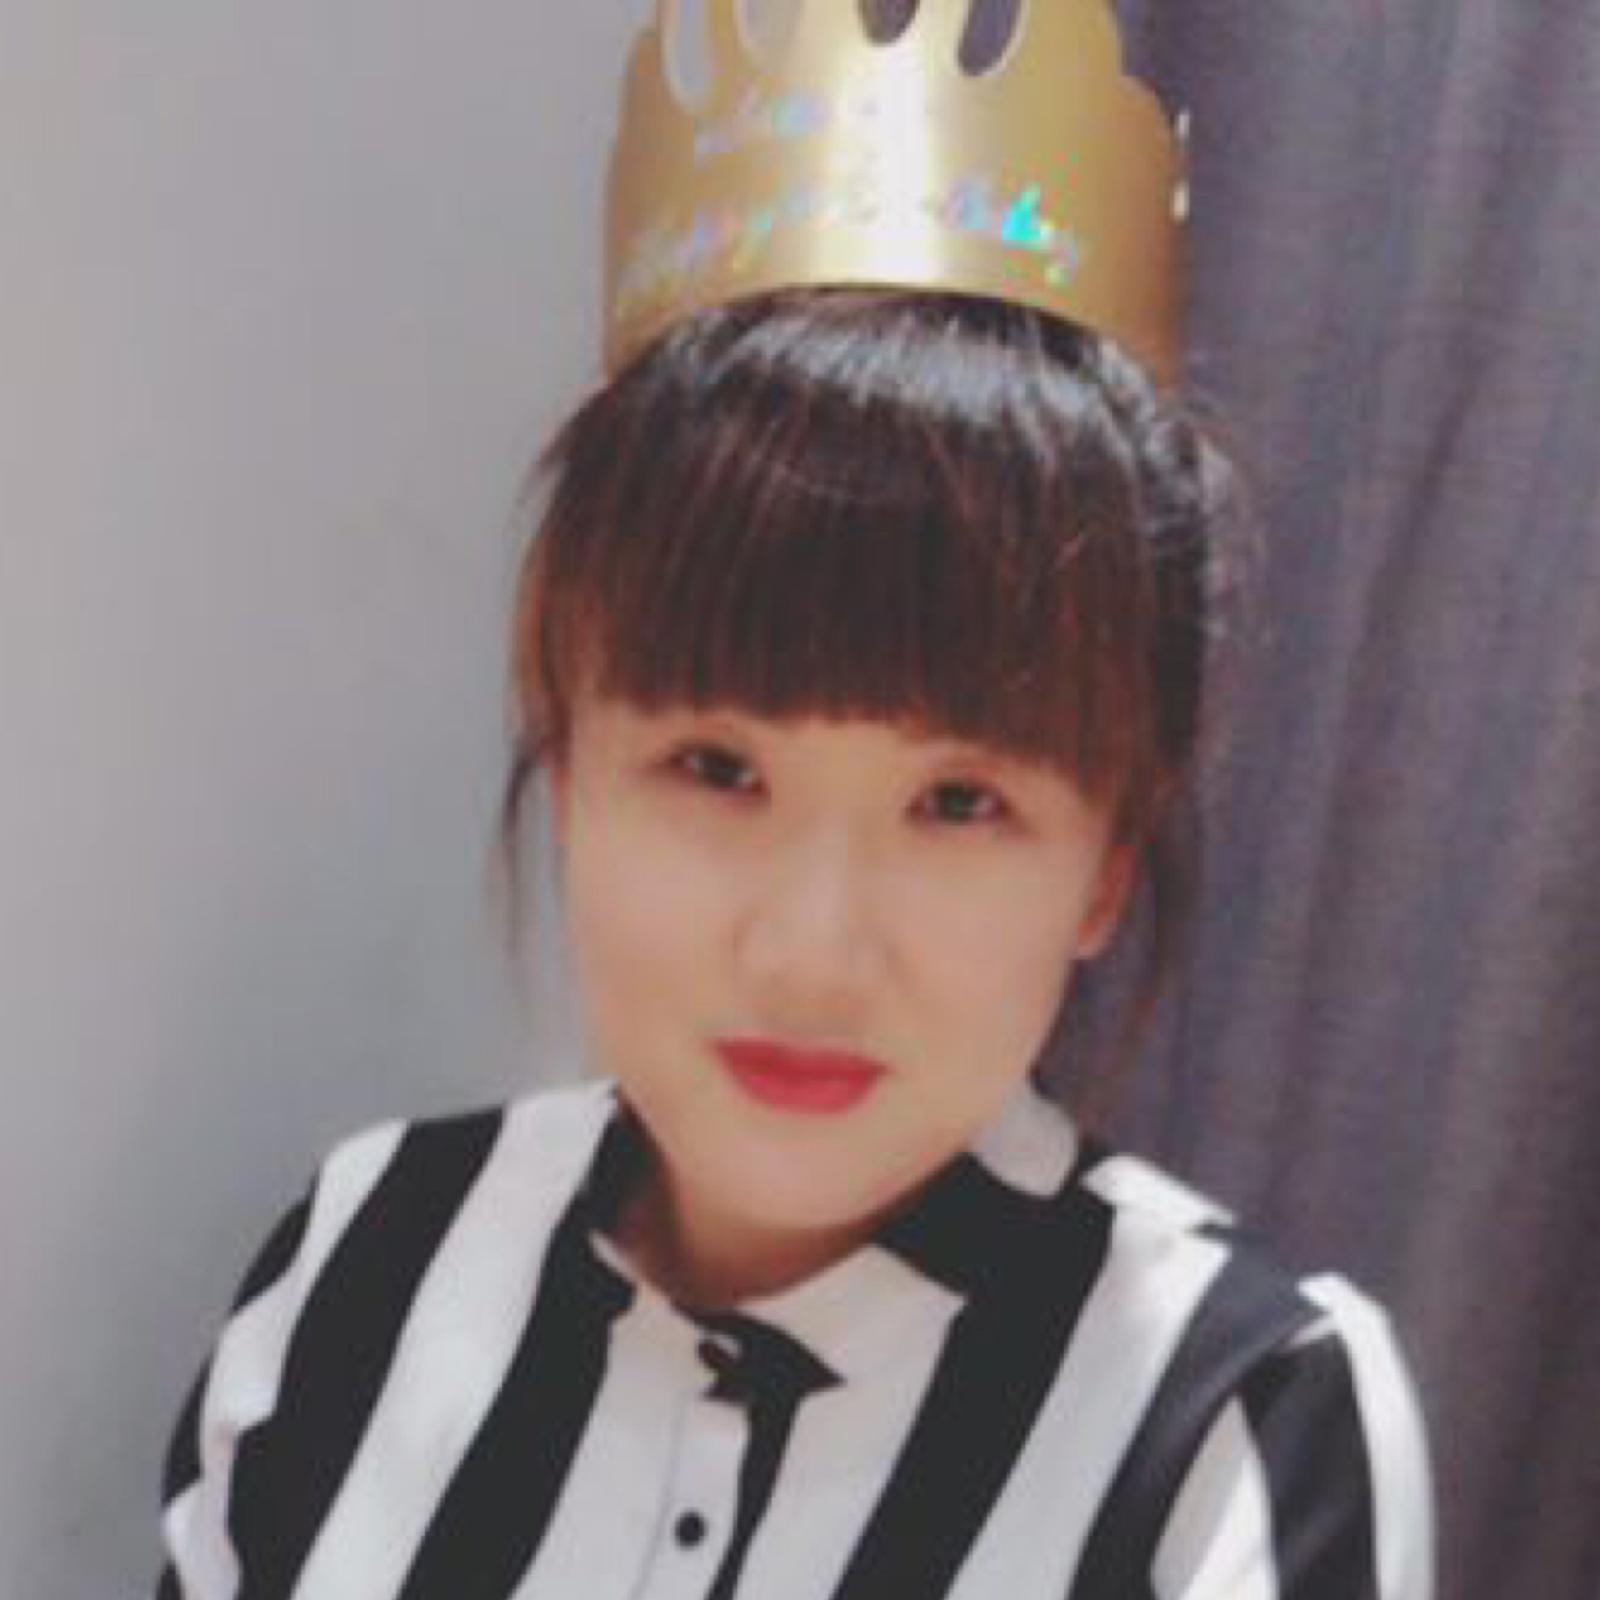 中韩混血婷